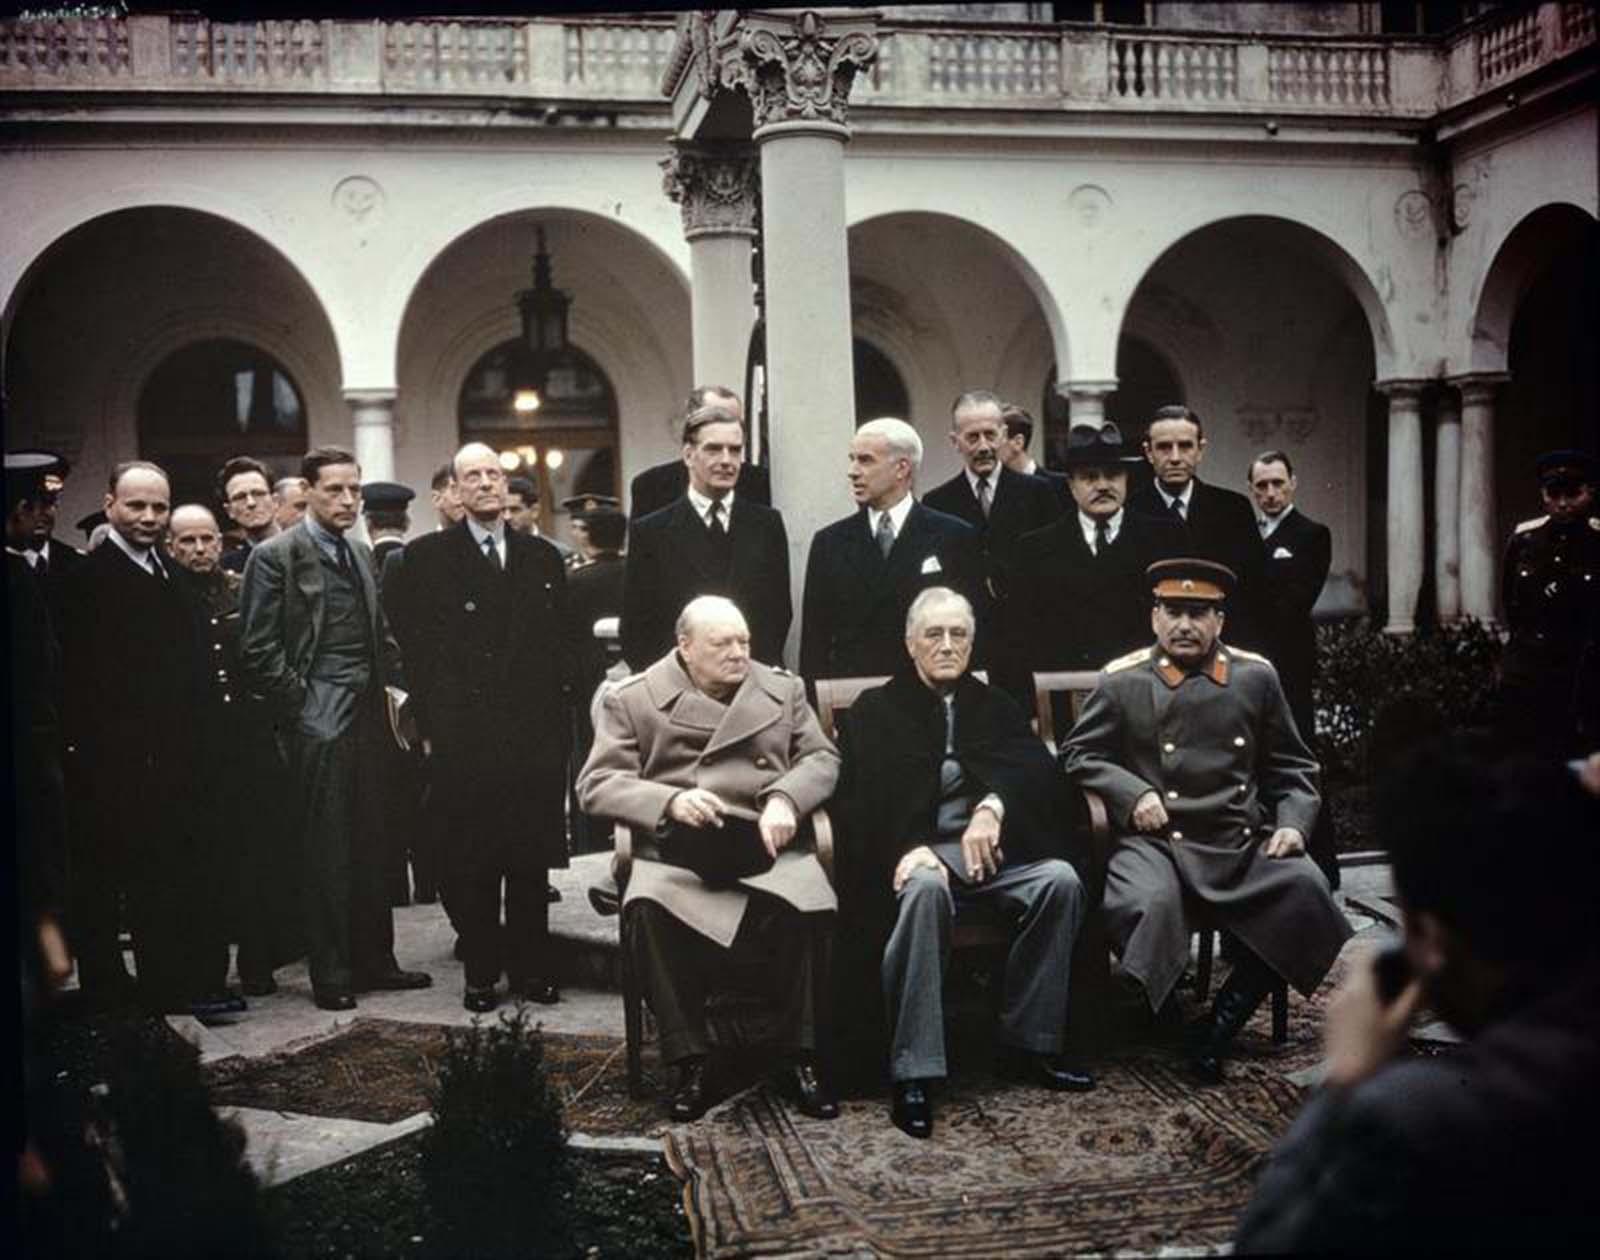 Winston Churchill brit miniszterelnök, Franklin Roosevelt amerikai elnök és Joseph Stalin szovjet vezető a jaltai konferencia (Krím) során.  1945.